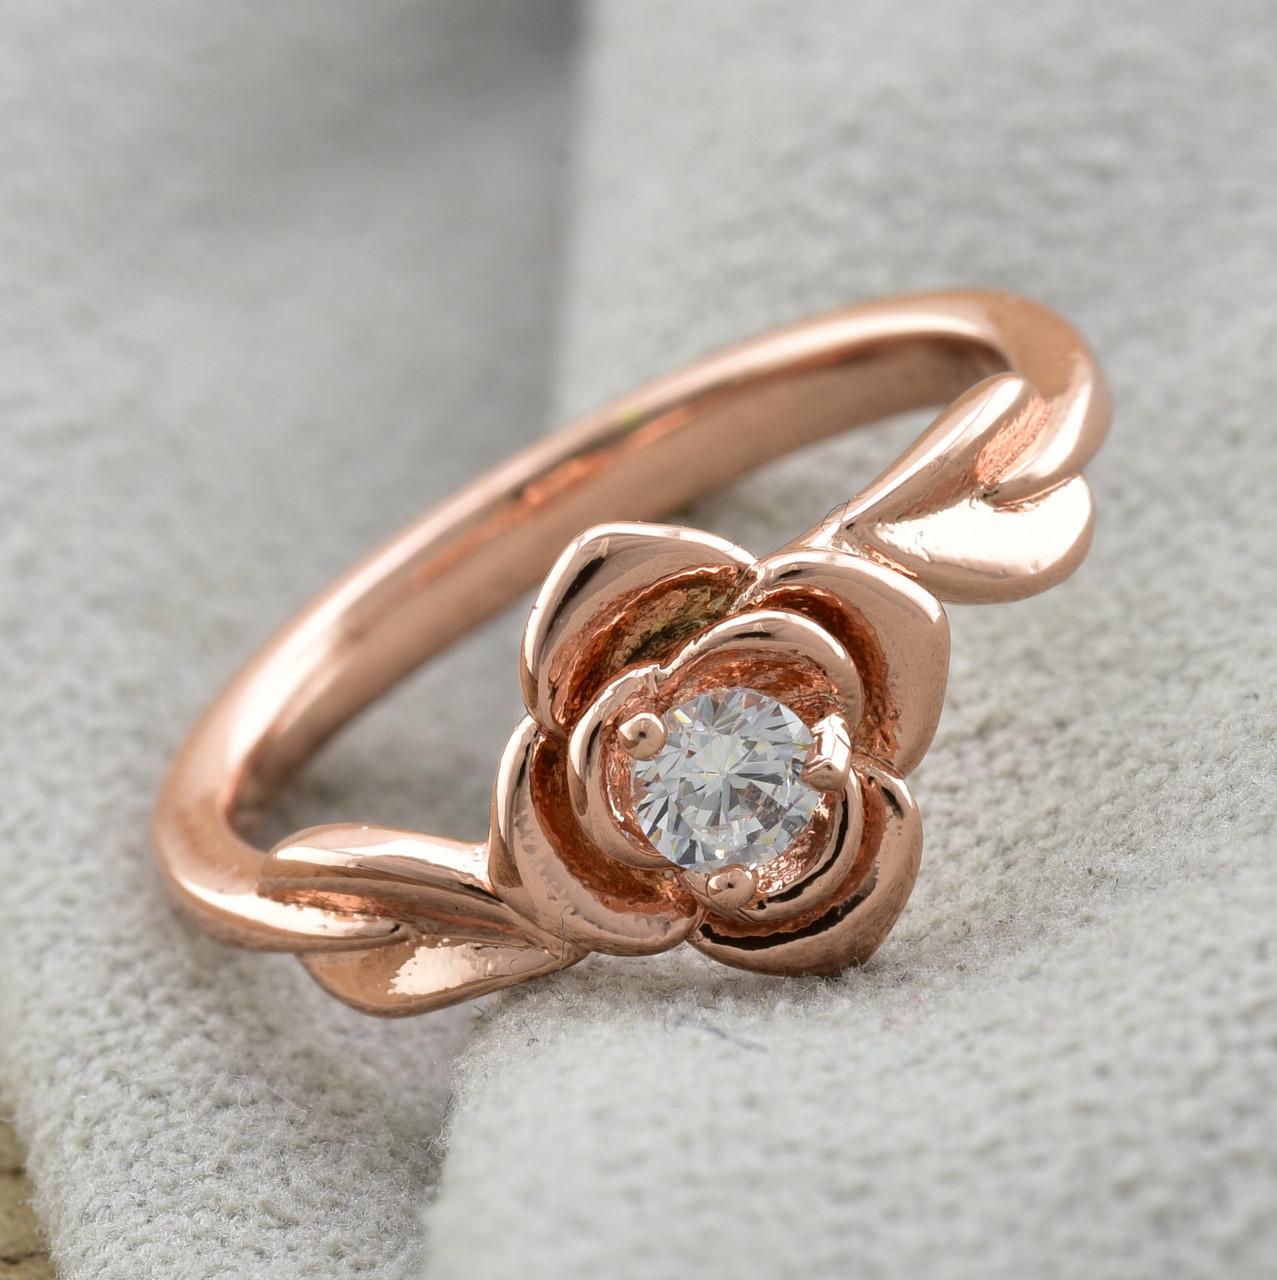 Кольцо Xuping Роза 13683 размер 21 ширина 8 мм белые фианиты вес 1.8 г позолота РО